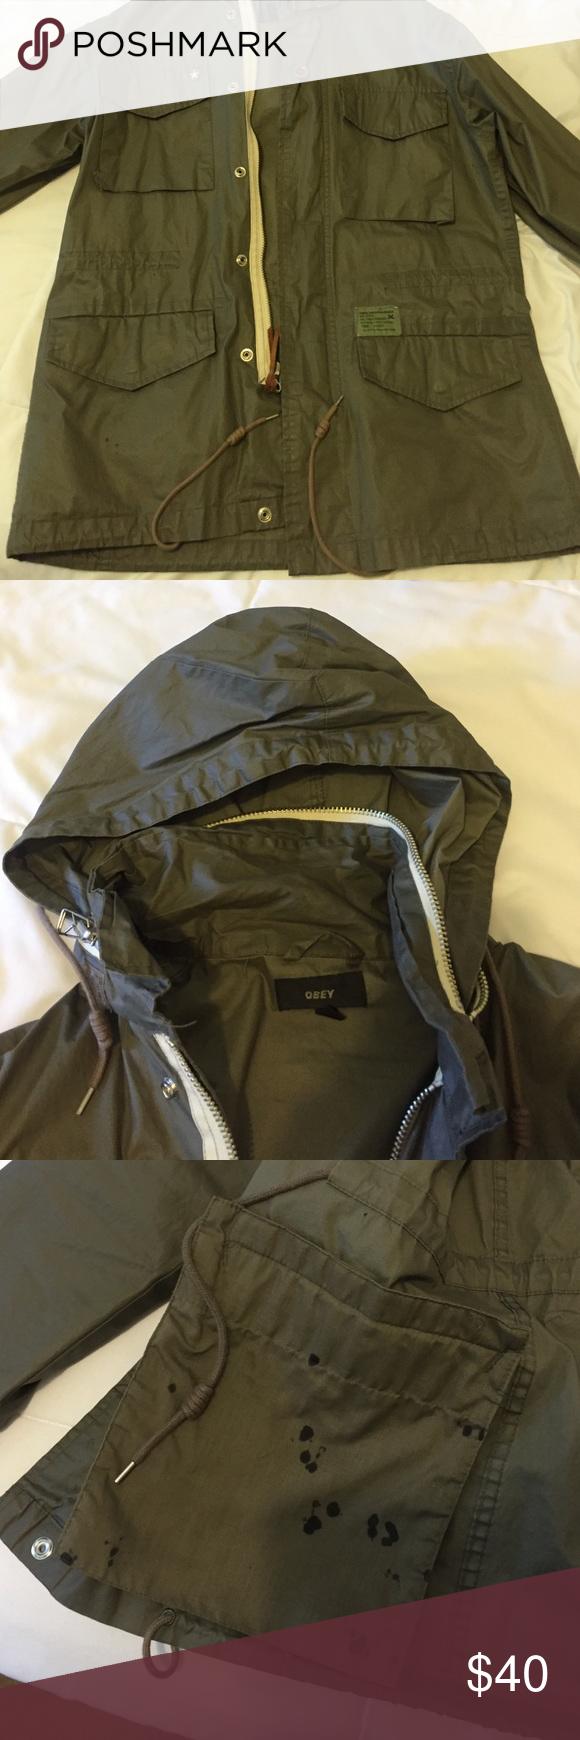 Obey jacket Nice stylish jacket, light ink damage to the pocket Obey Jackets & Coats Utility Jackets